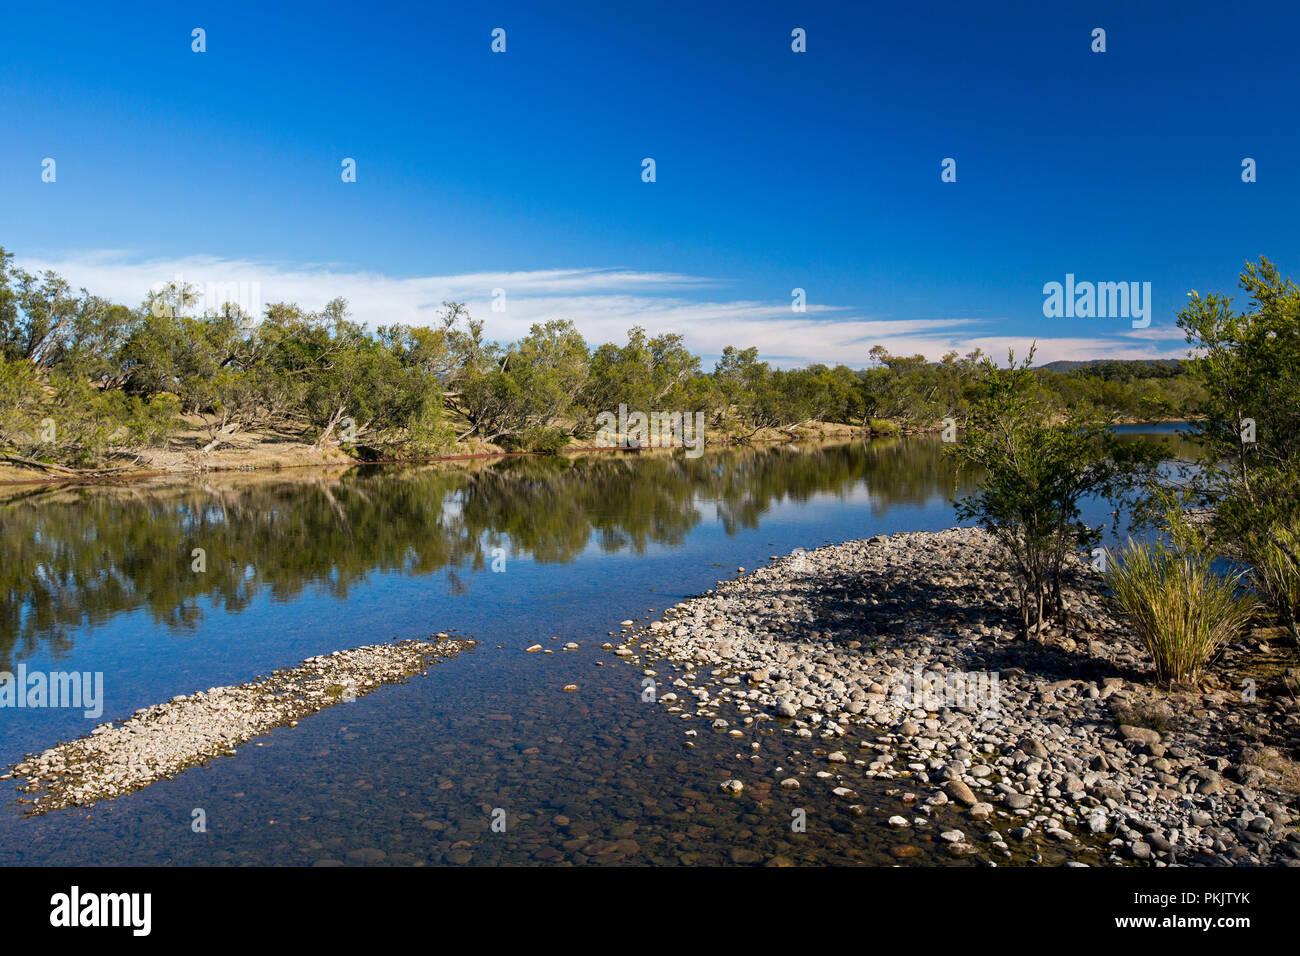 Calme les eaux bleues de la rivière Clarence par découpage du paysage forestier sous ciel bleu dans le nord du NSW Australie Photo Stock